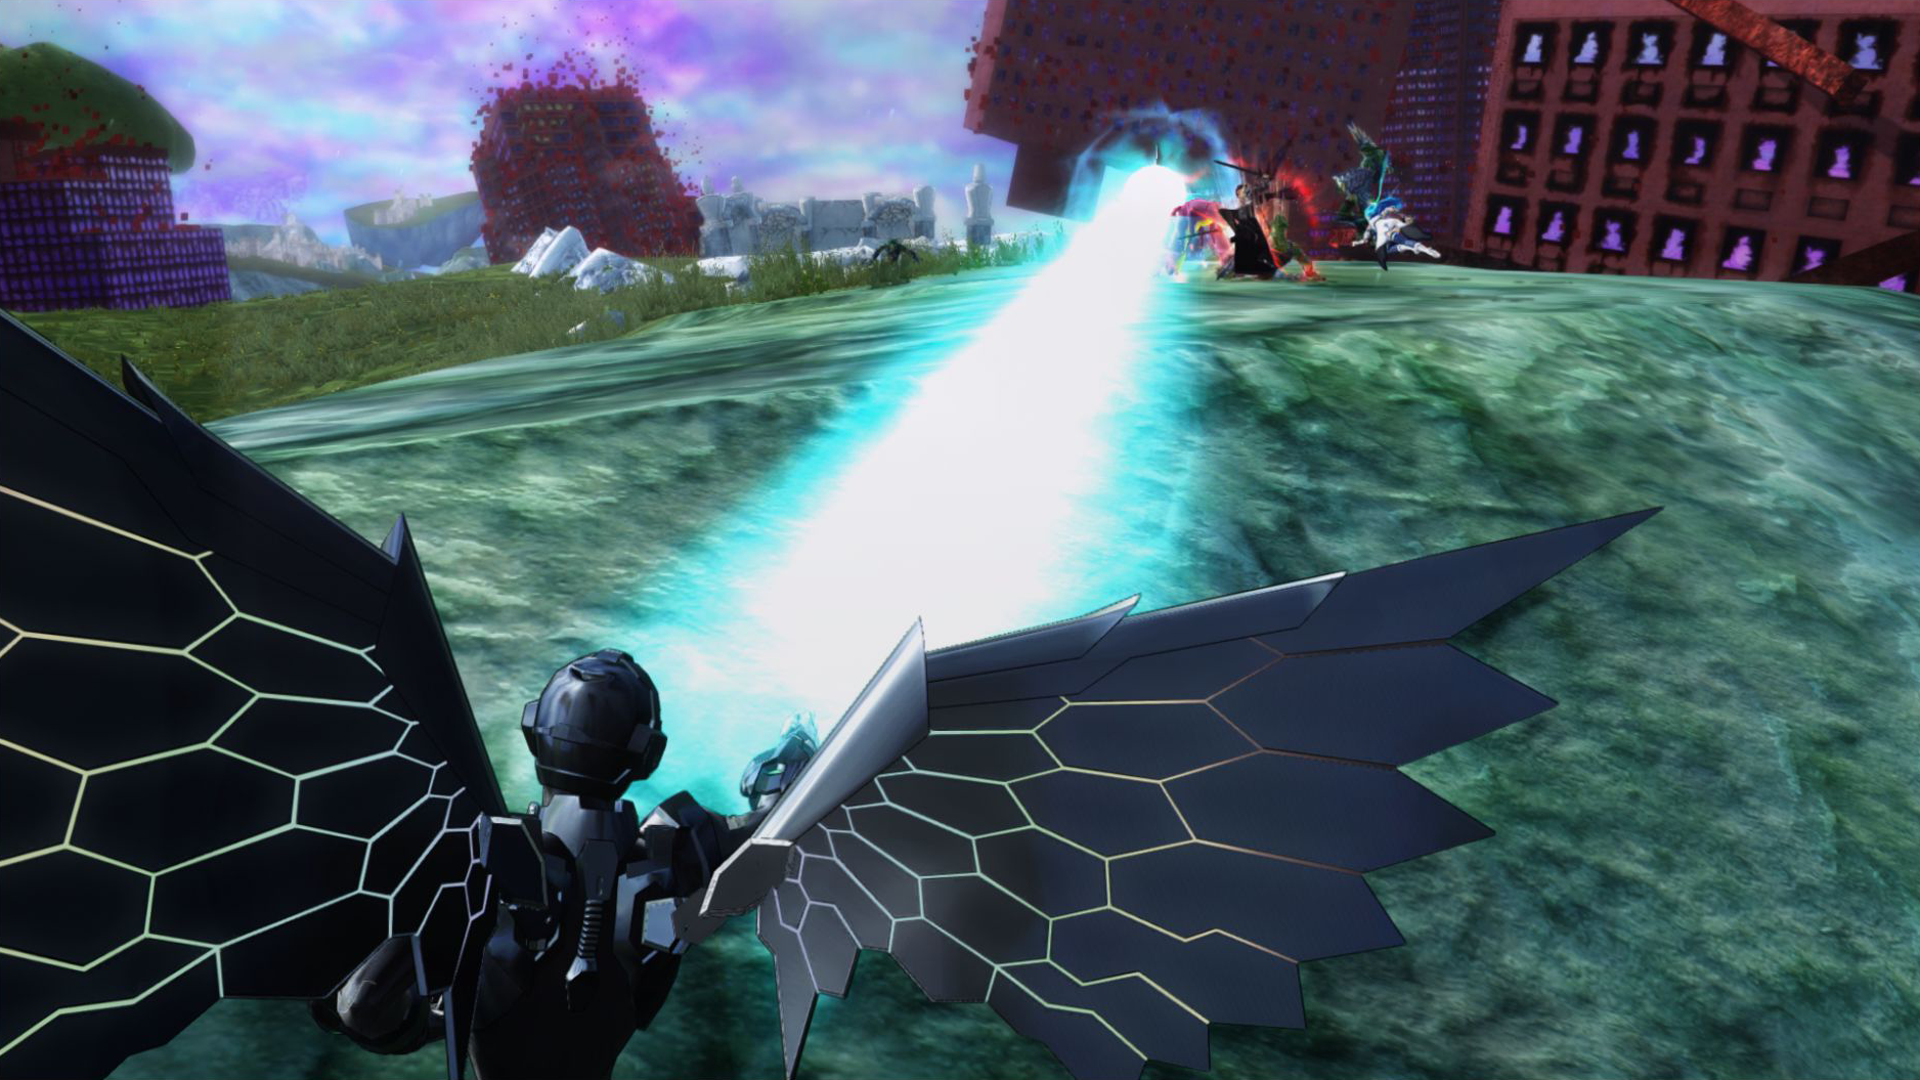 『アクセル・ワールド VS ソードアート・オンライン 千年の黄昏』ゲーム画面